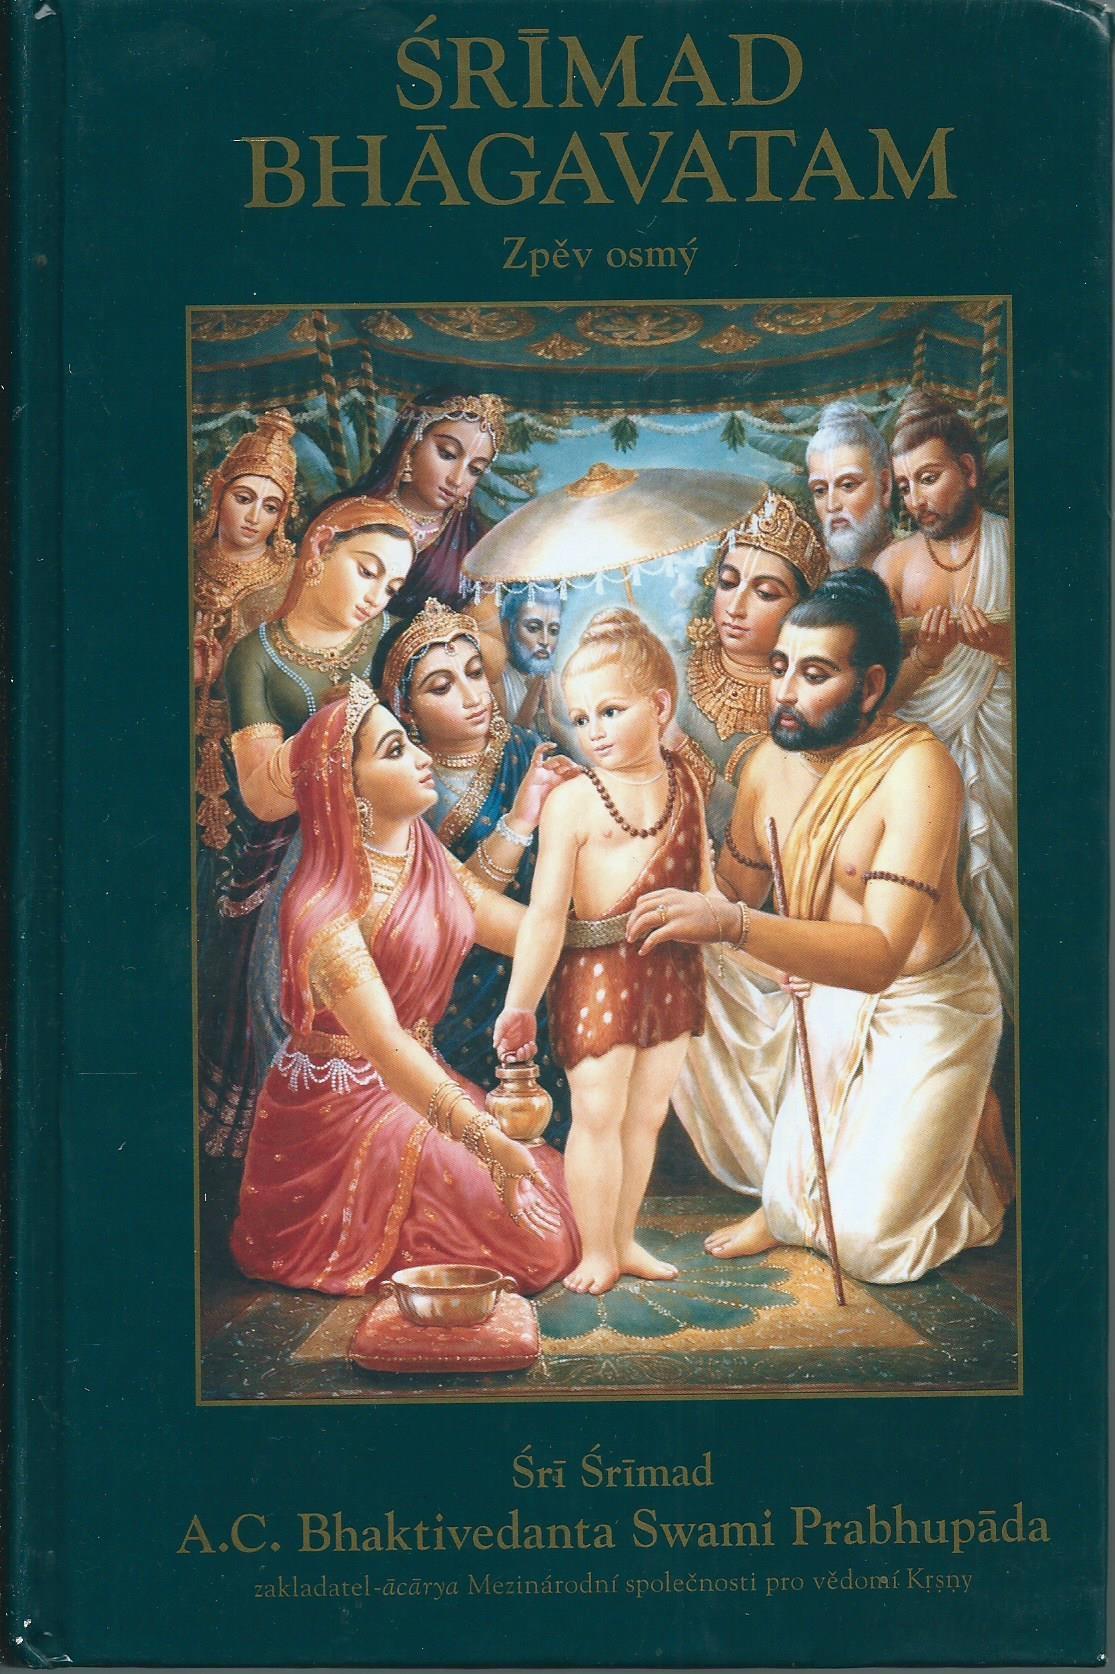 Šrímad Bhágavatam - Šrí Šrímad A. C. Bhaktivedanta Swami Prabhupáda - Zpěv osmý